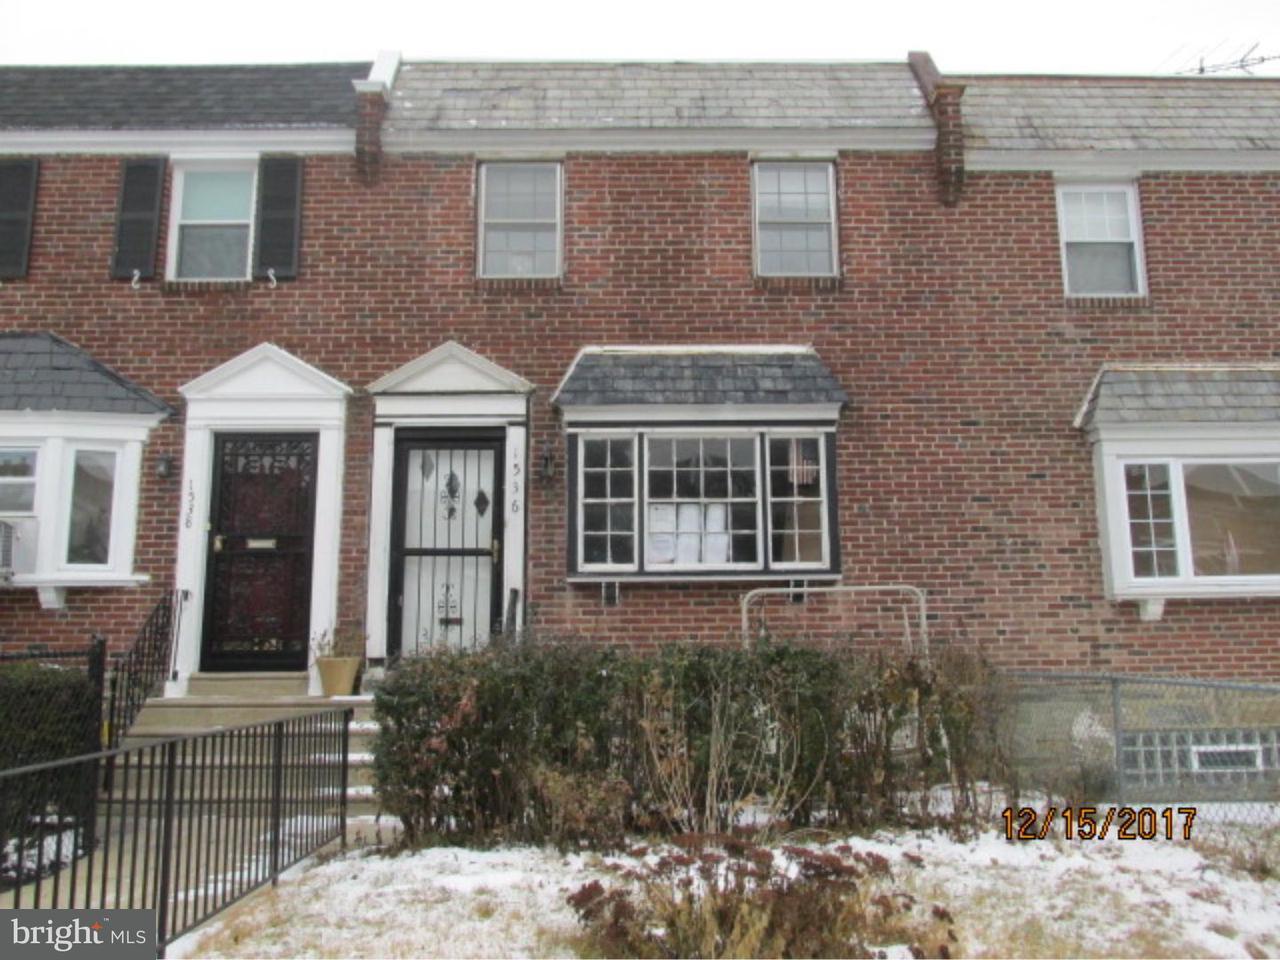 1536 E Walnut Philadelphia, PA 19138